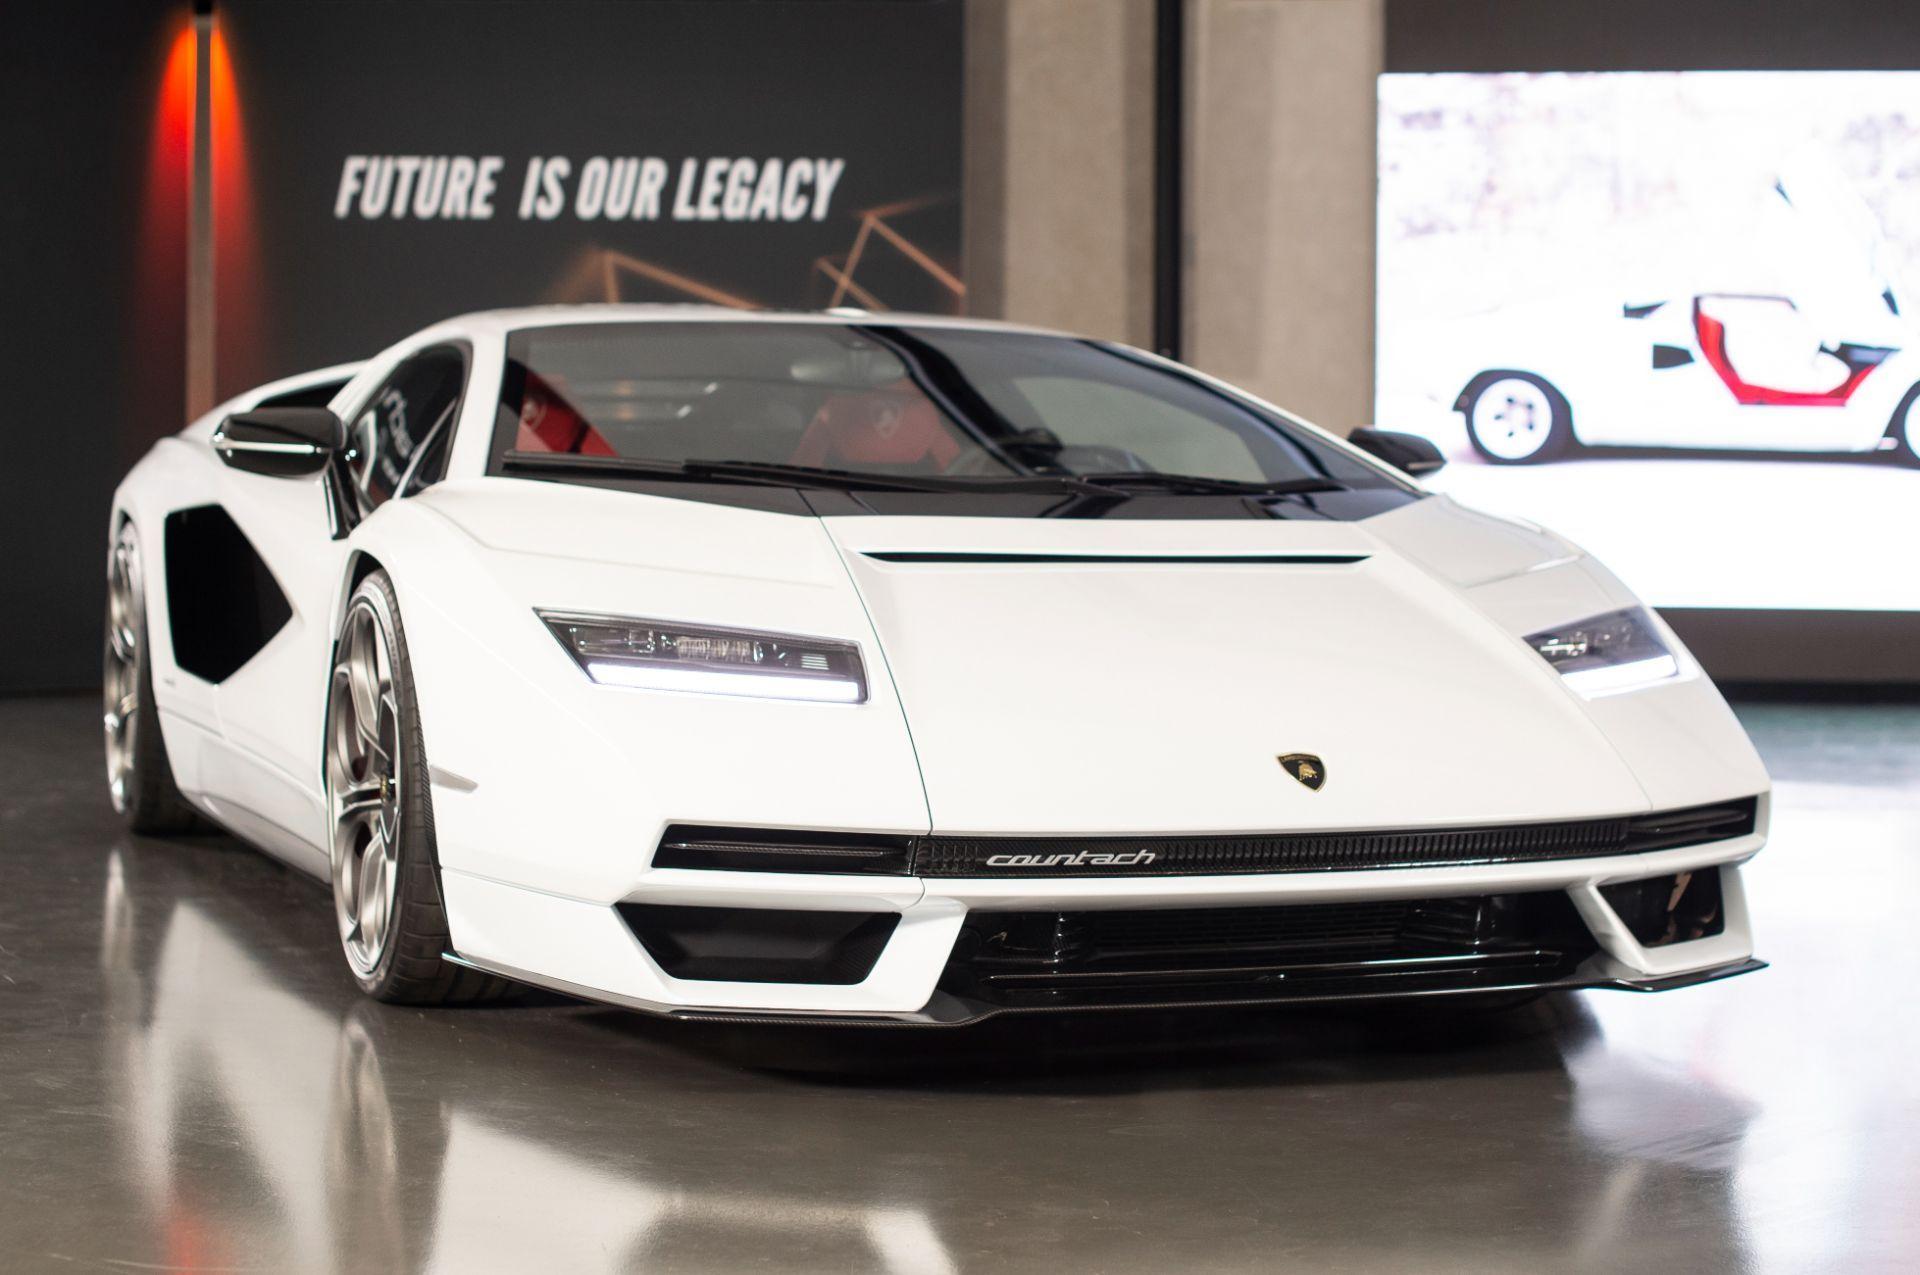 Lamborghini-Countach-LPI-800-4-36